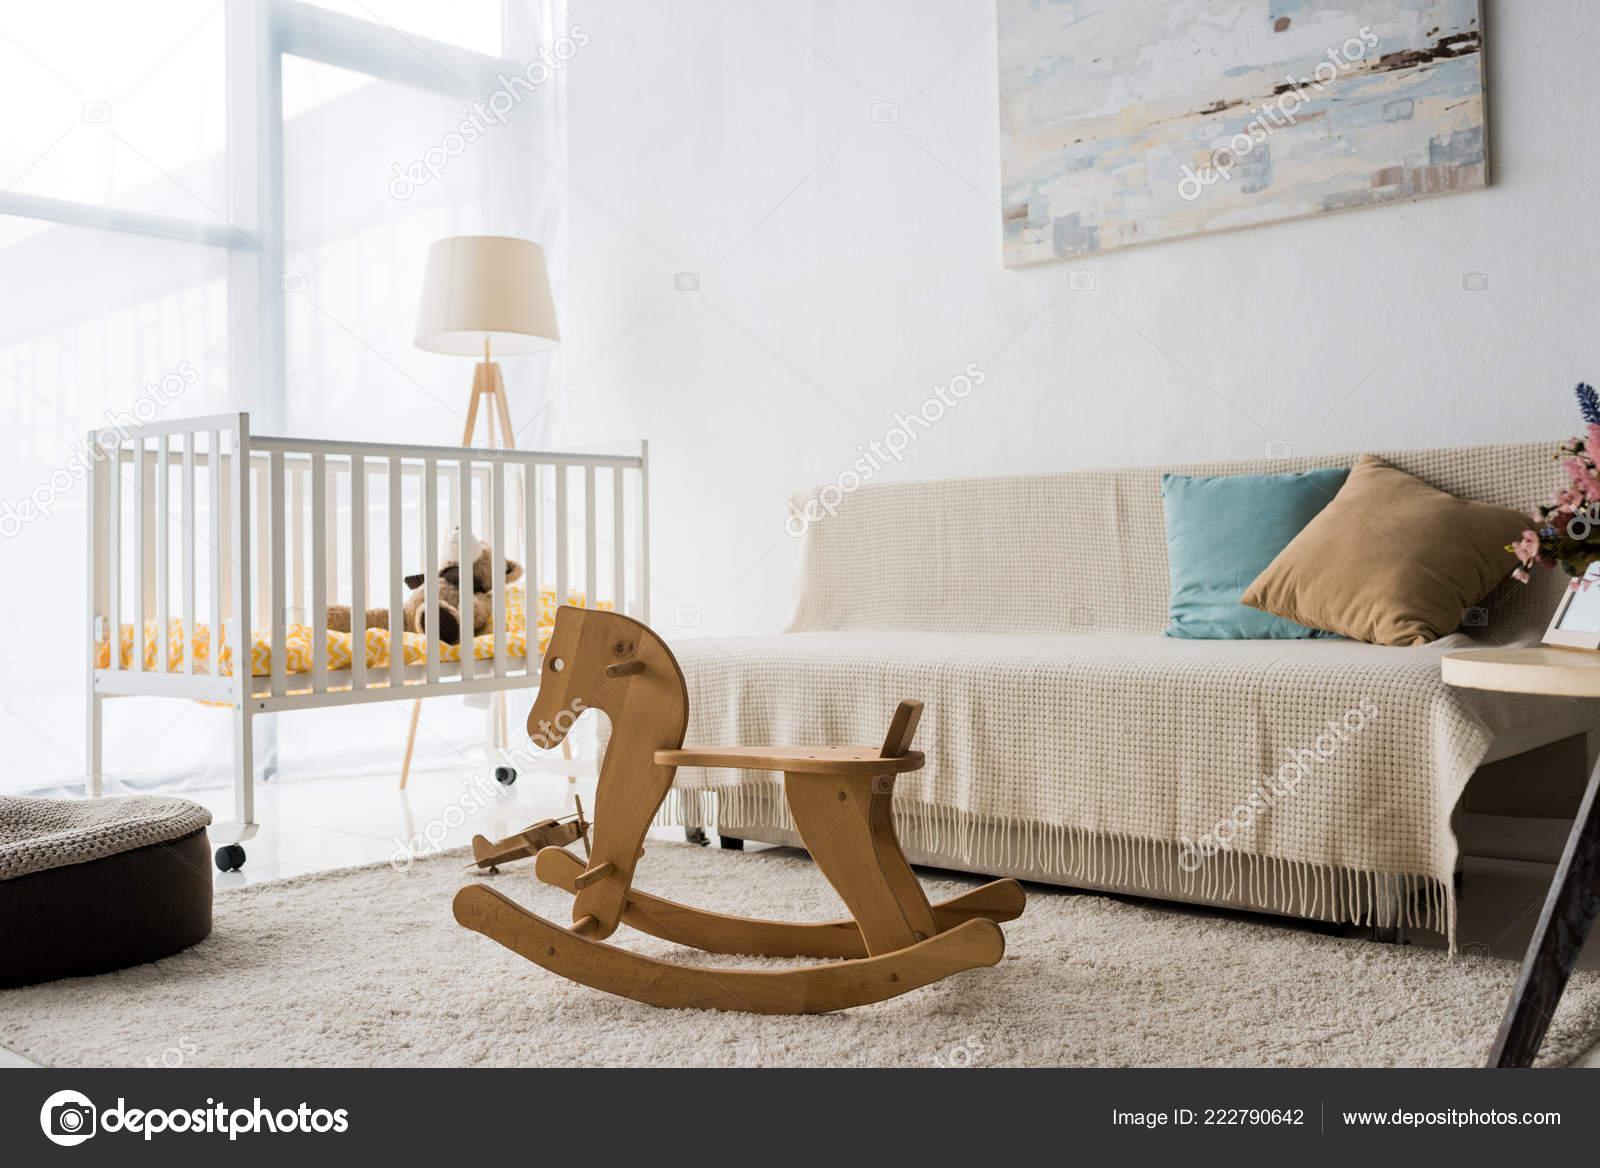 Cavallo A Dondolo Design.Interni Dal Design Moderno Della Stanza Della Scuola Materna